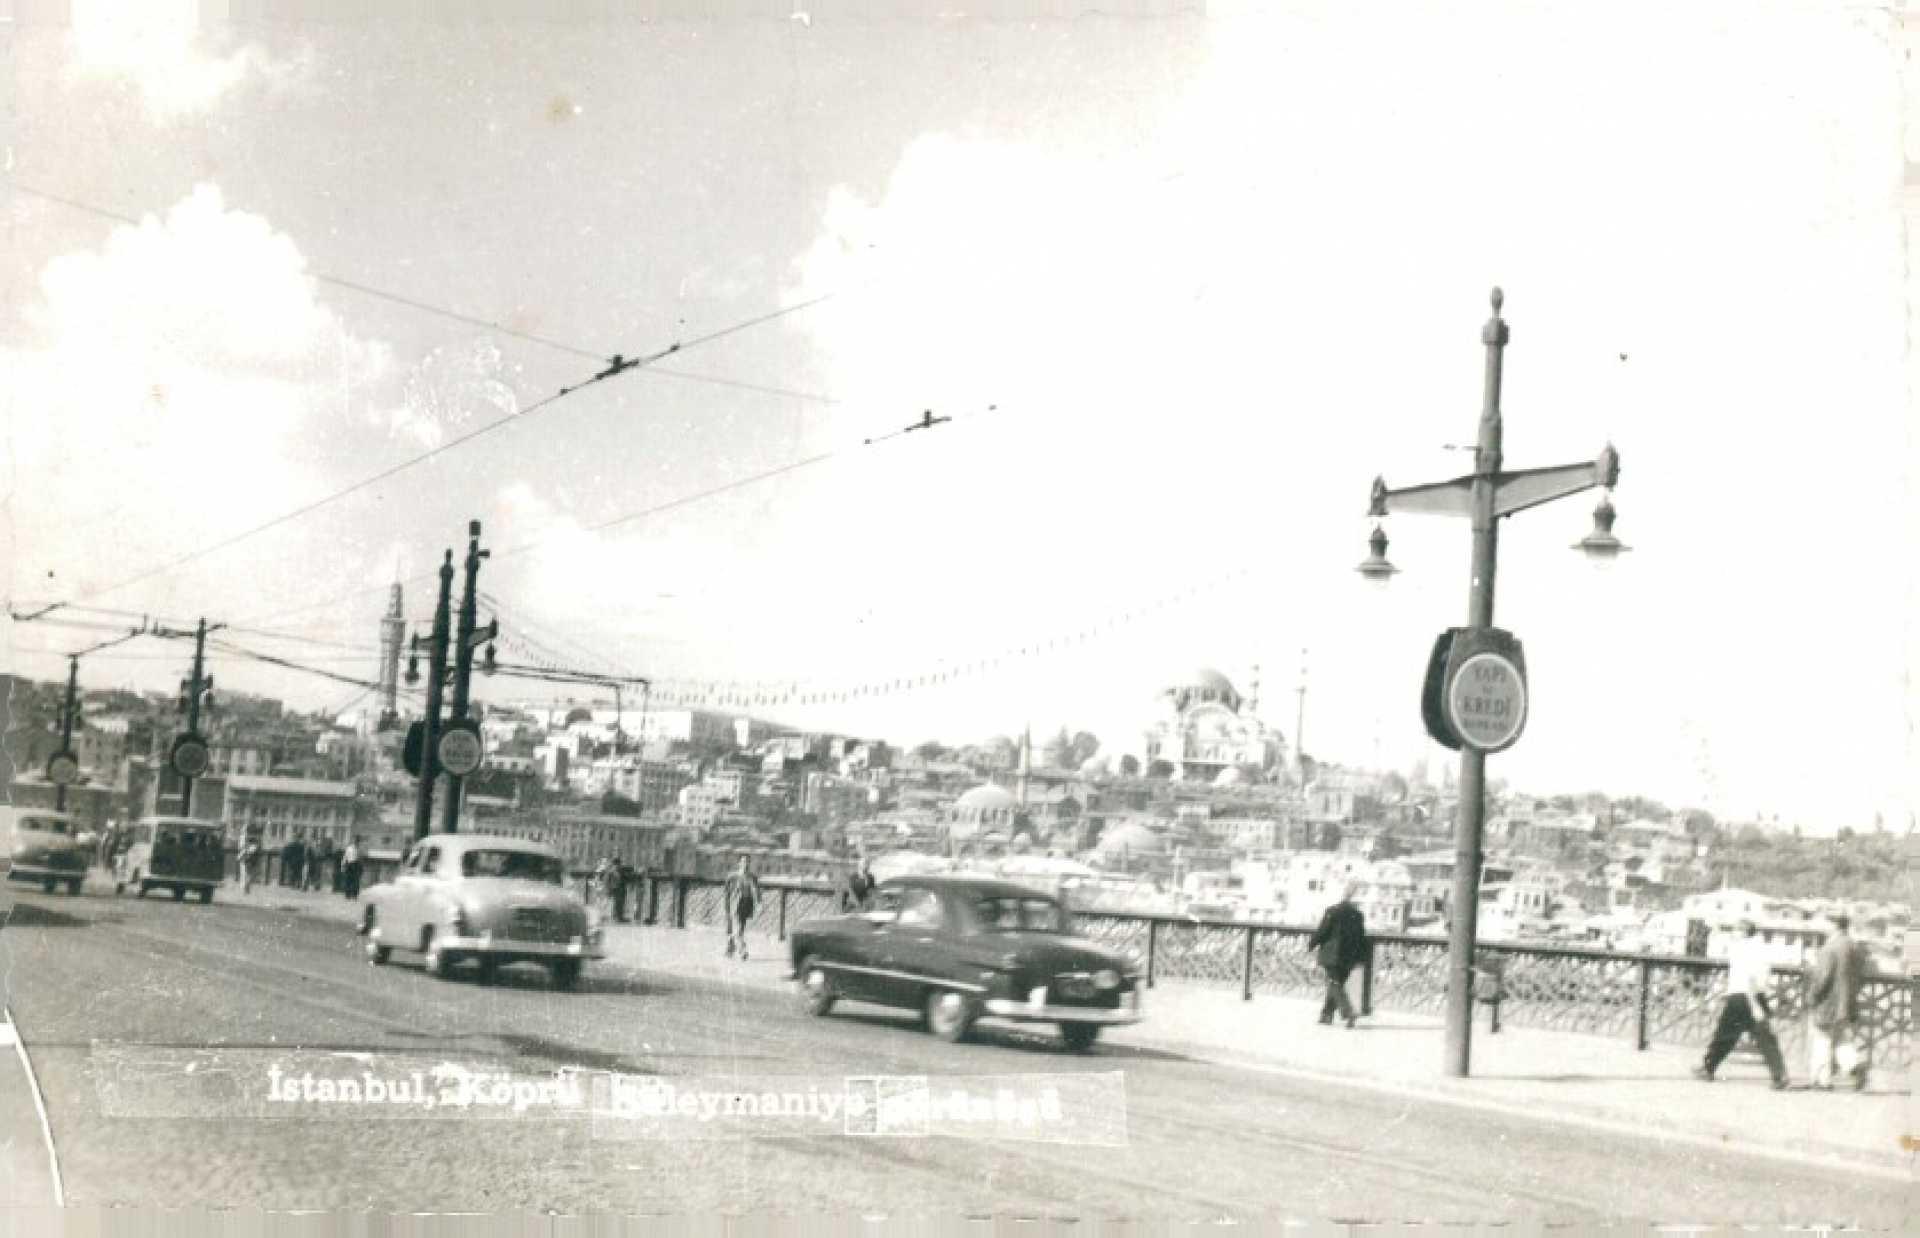 İstanbul. Köprü. Süleymaniye